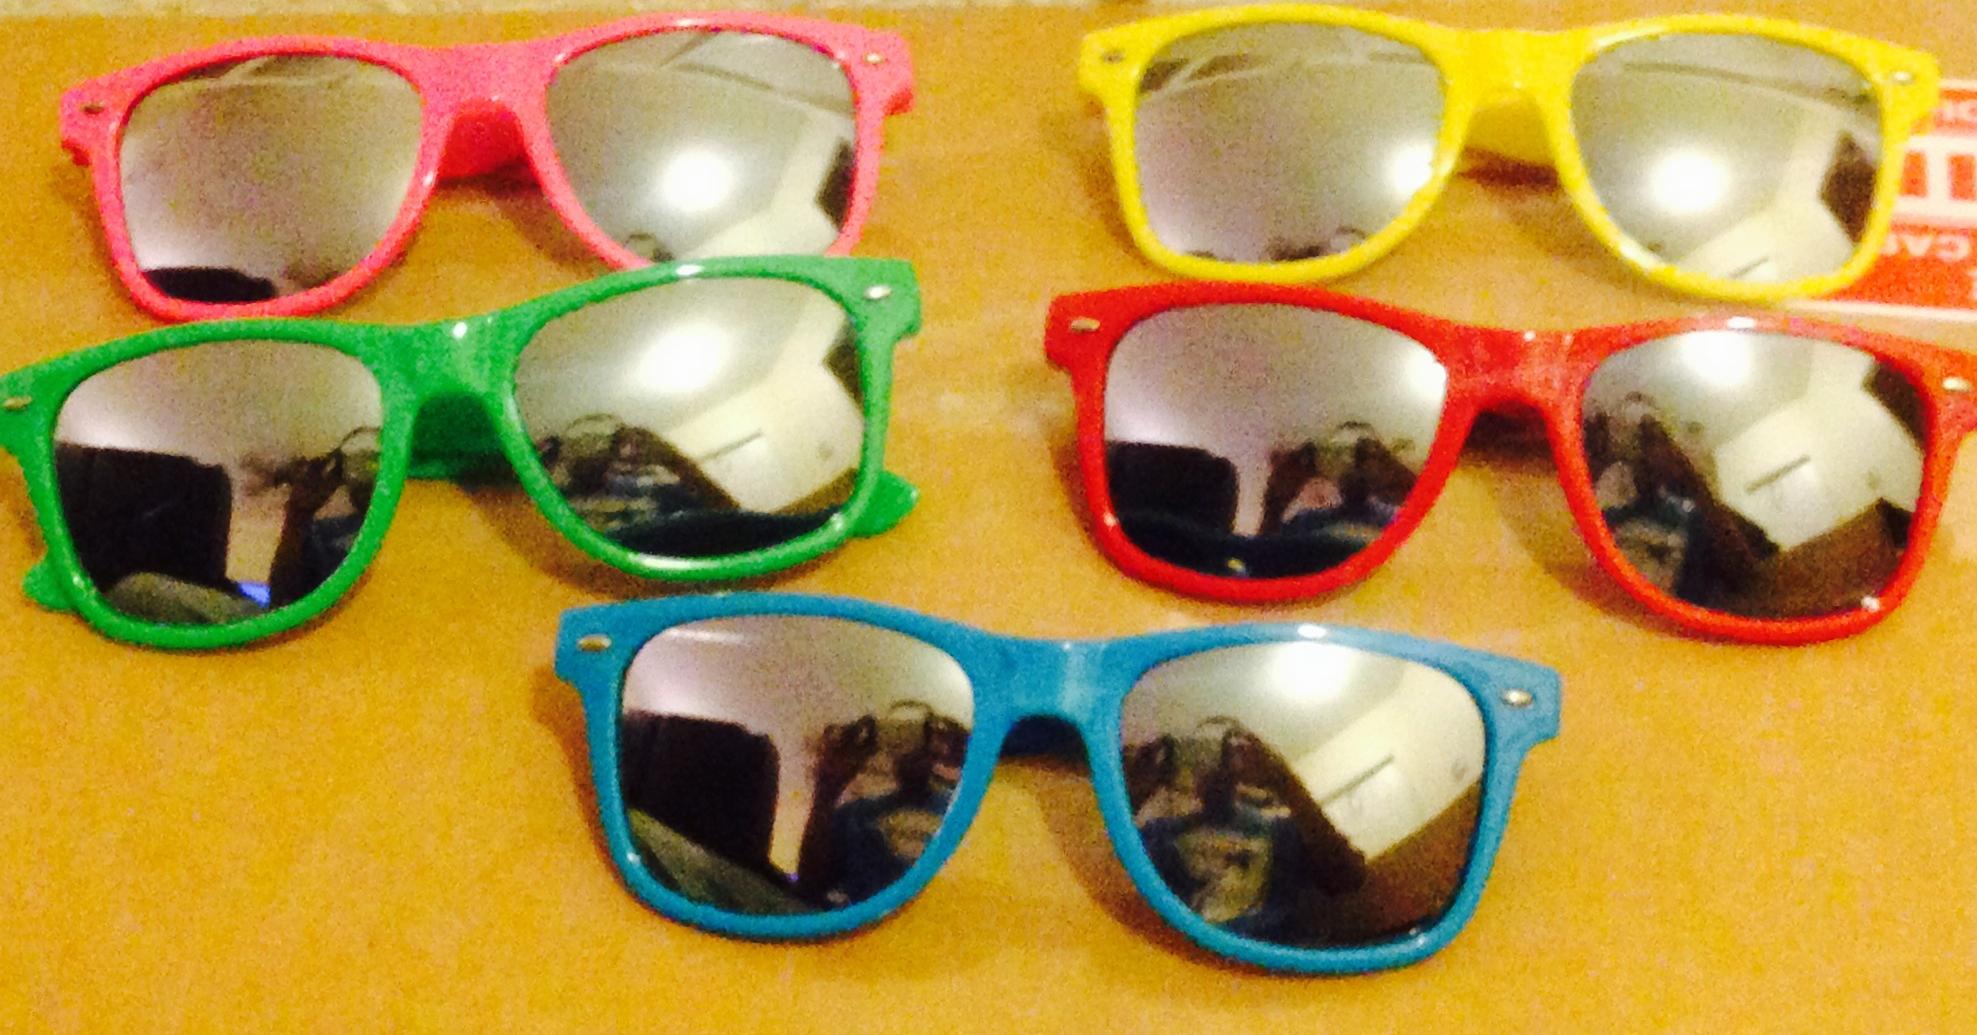 mirror-lens-promo-sun-glasses.jpg